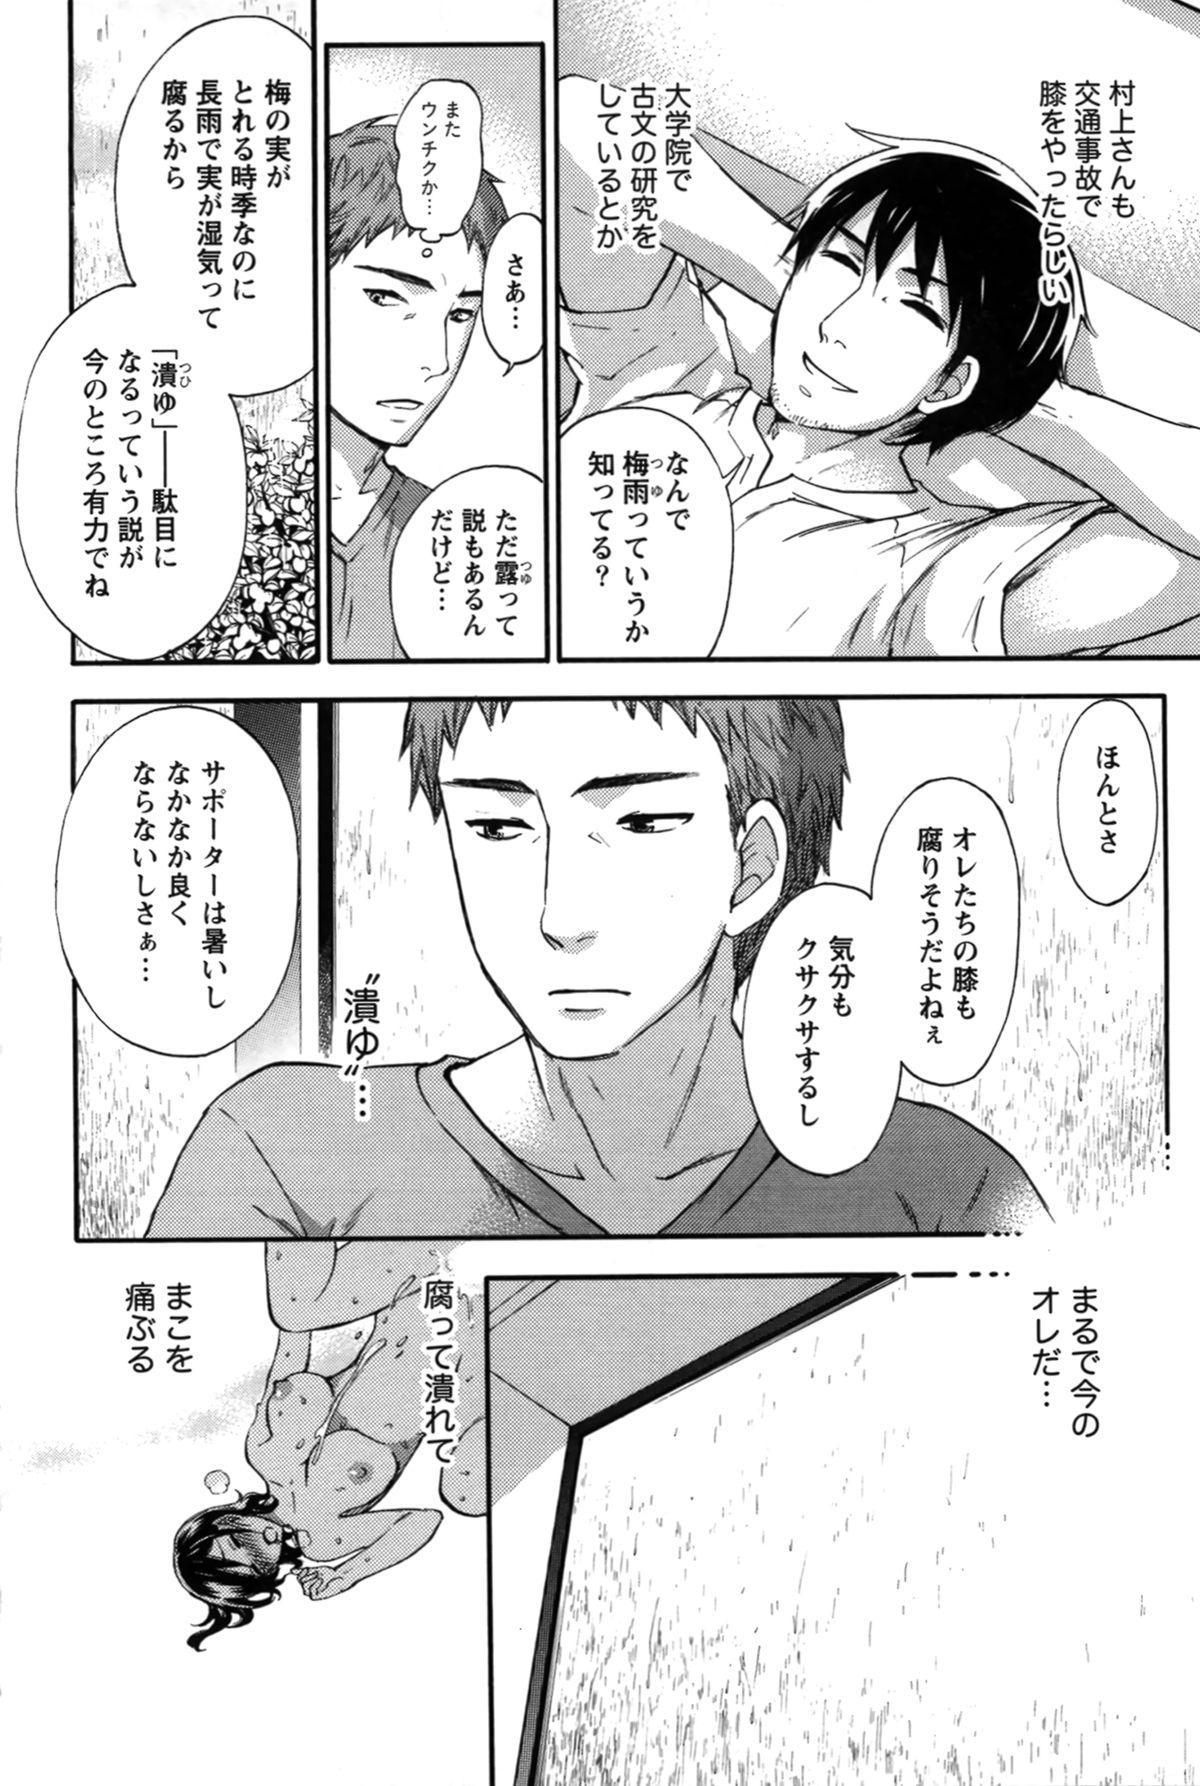 Anata to Watashi wa Warukunai 51